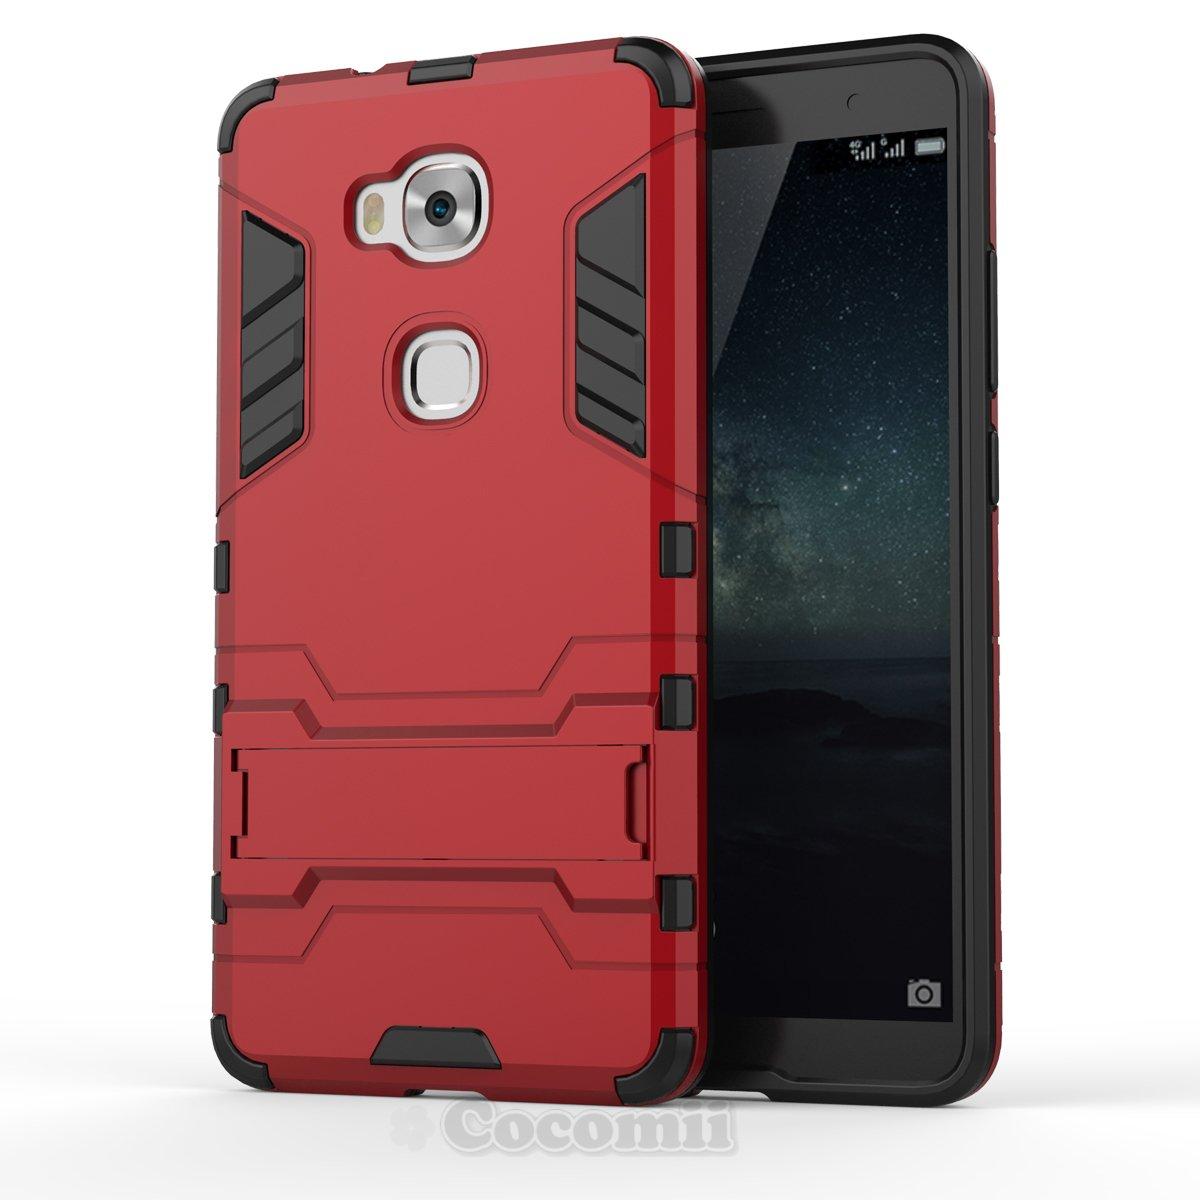 Cocomii Iron Man Armor Huawei Honor 5X Funda Nuevo [Robusto ...